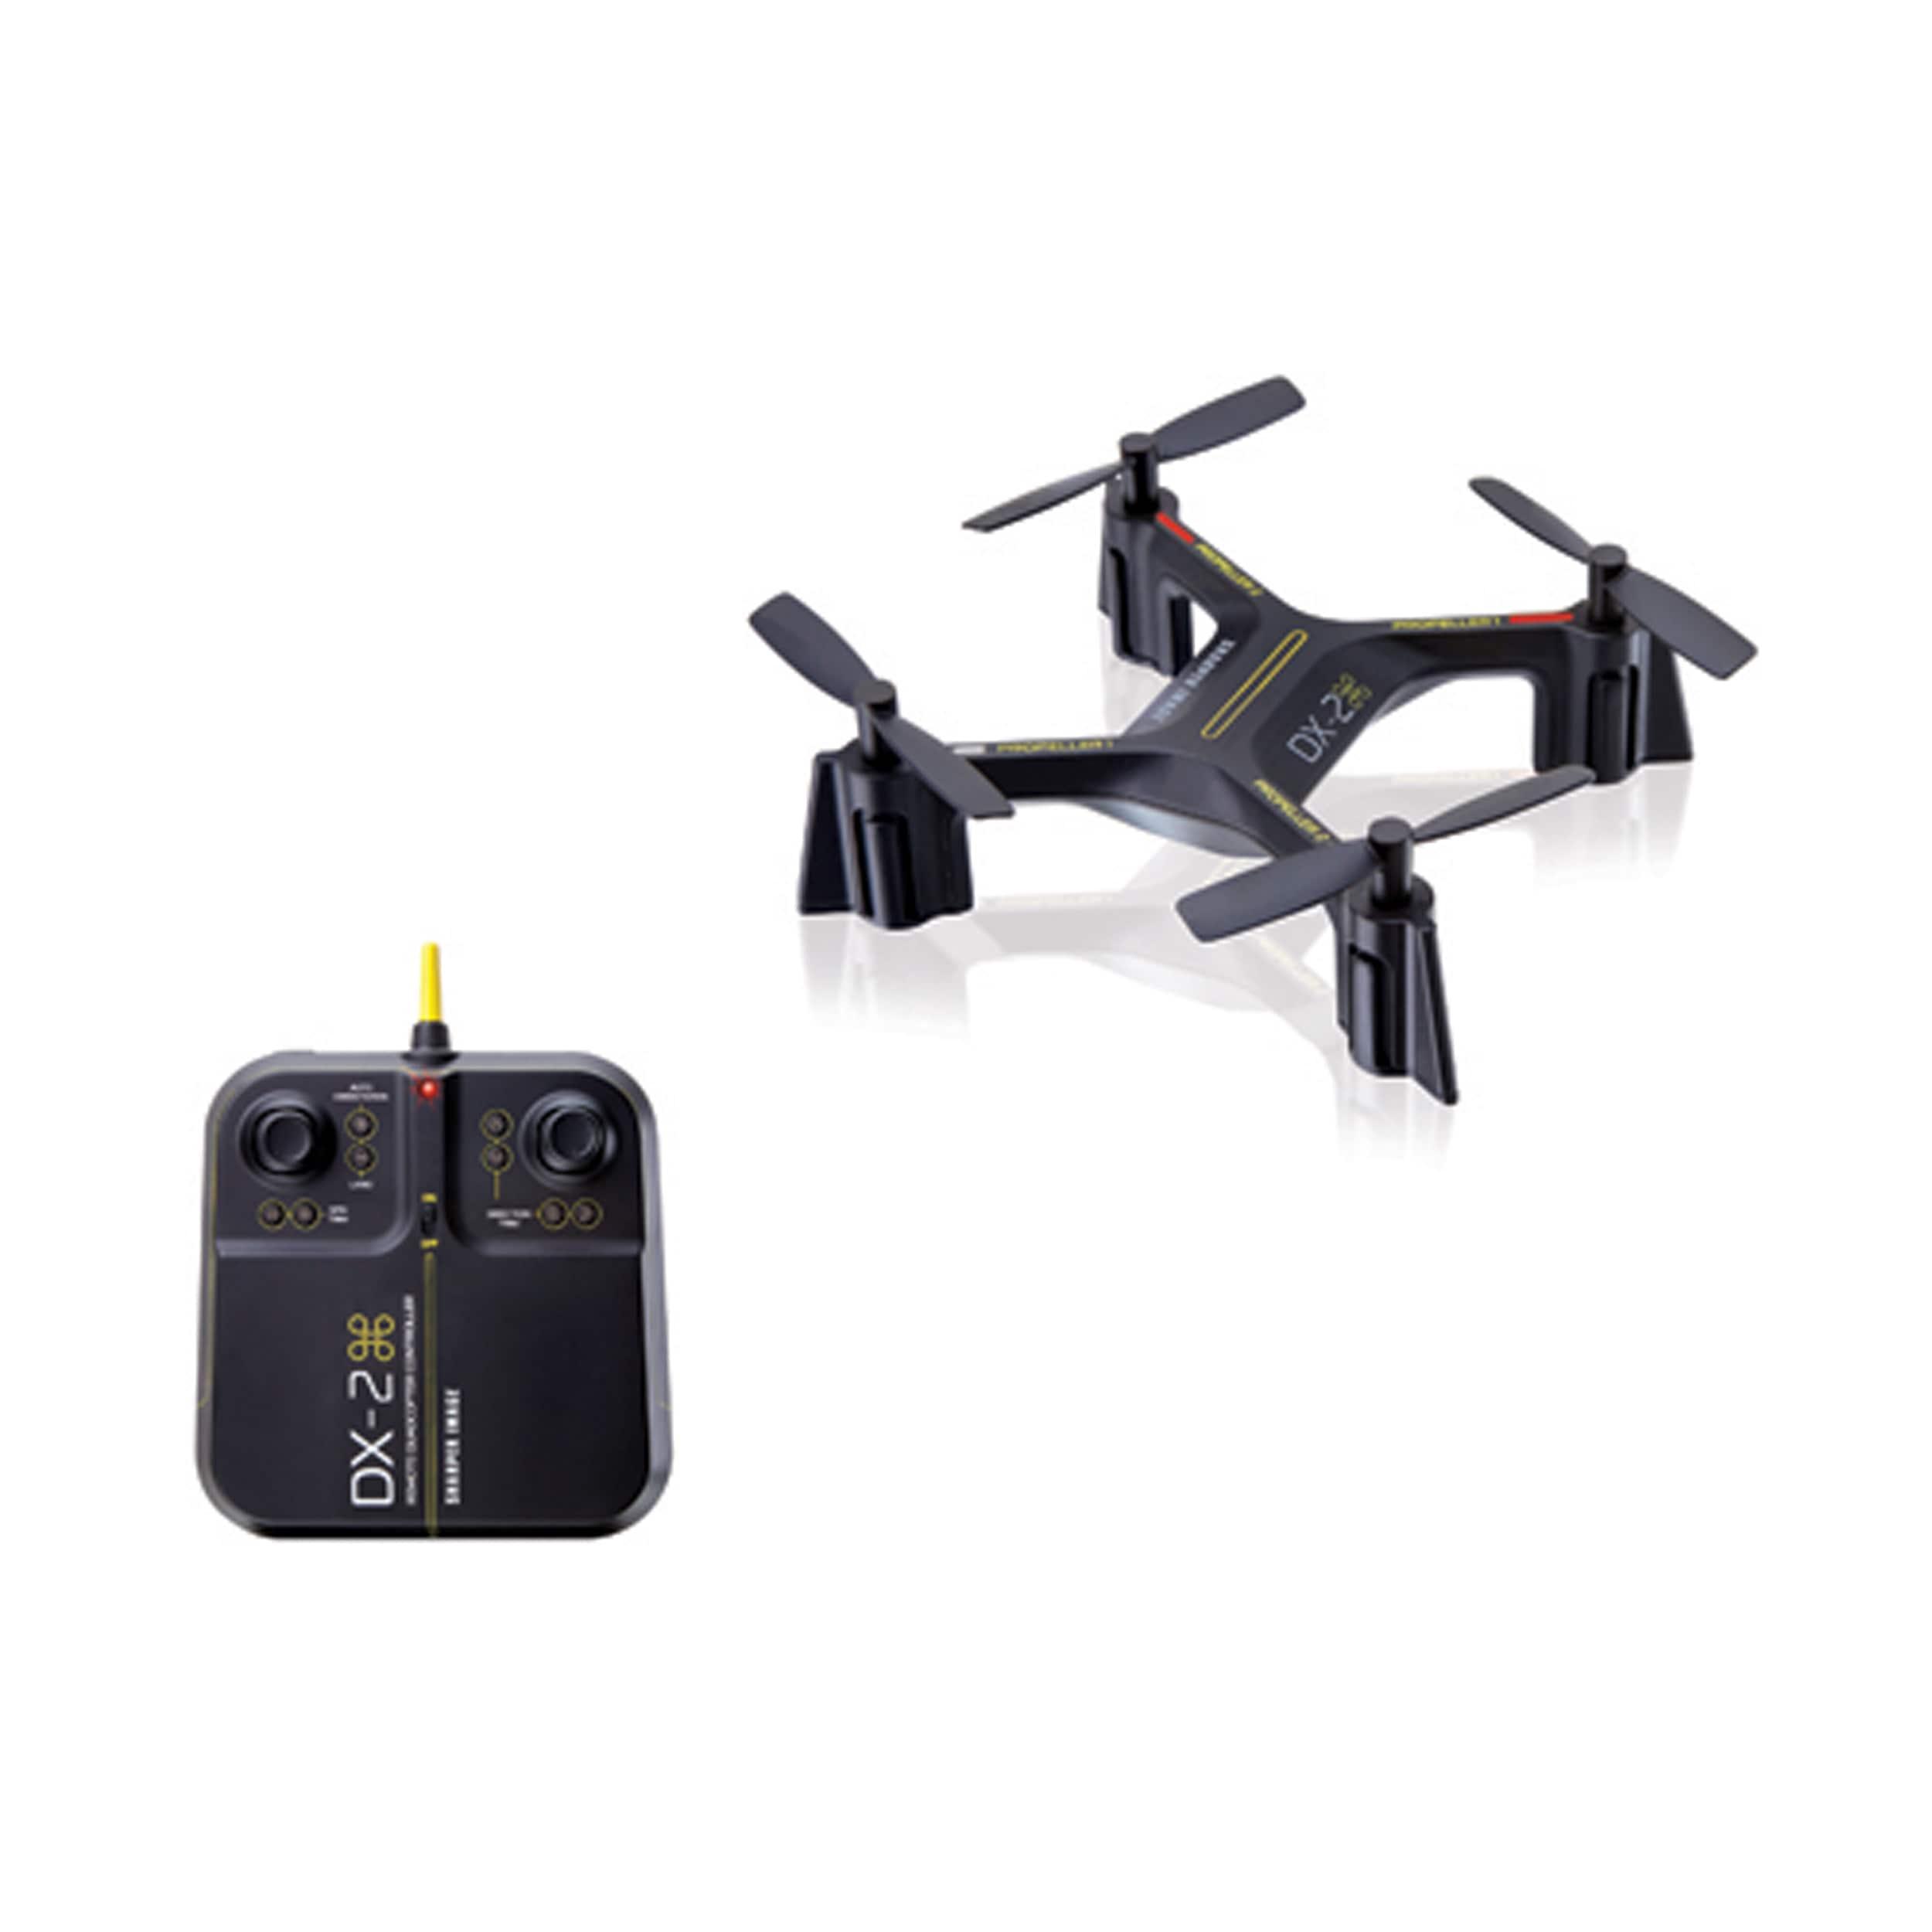 Sharper Image Dx 2 5 Inch Stunt Drone 694202121528 Ebay